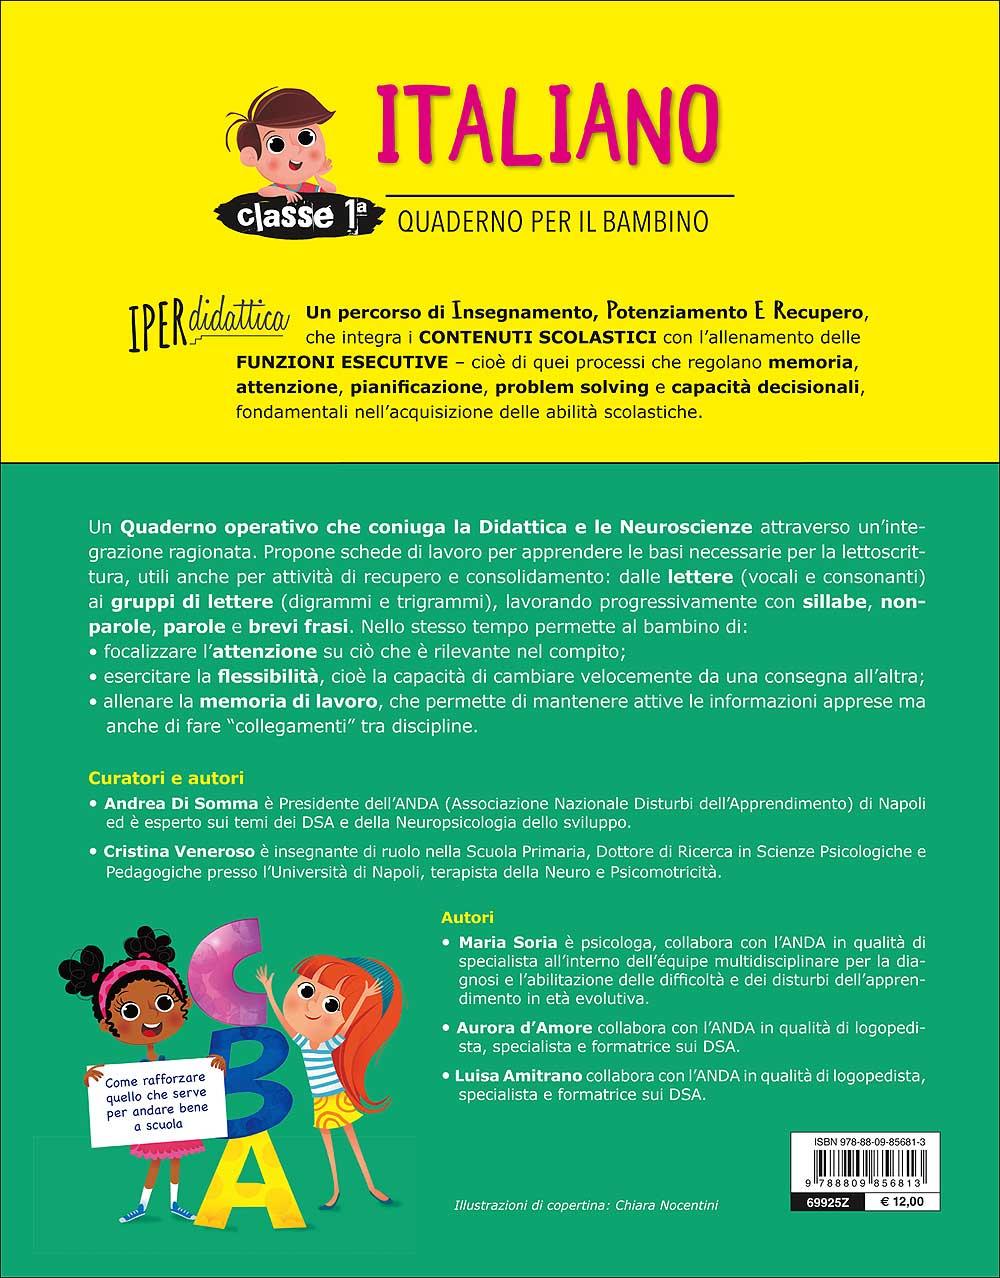 Quaderno per il bambino - Italiano 1